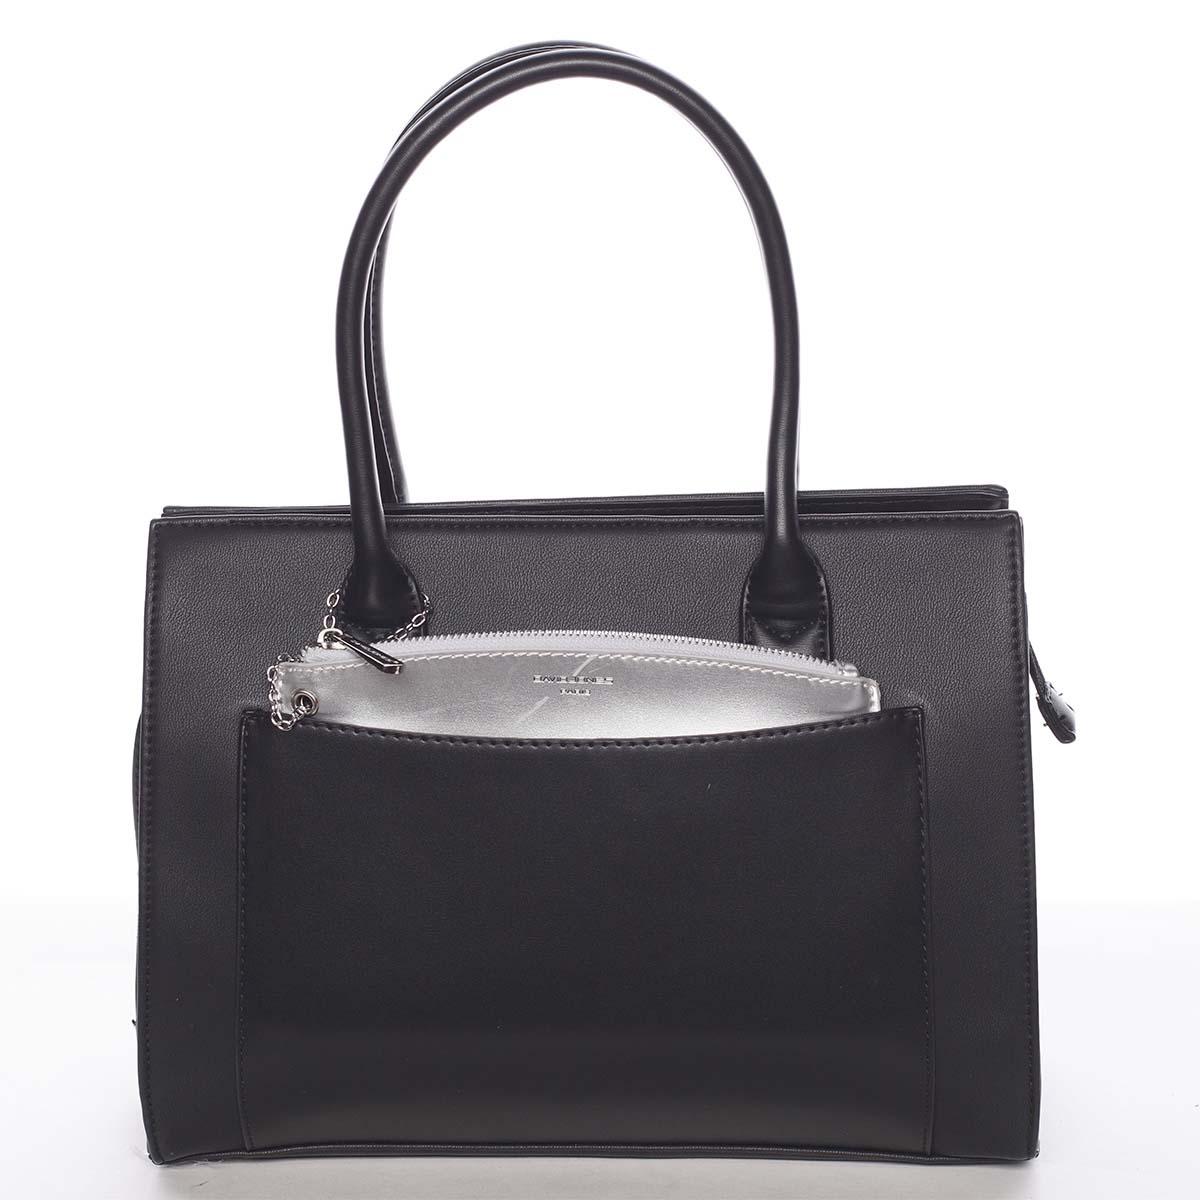 Exkluzívna dámska čierna kabelka - David Jones Hillary čierna